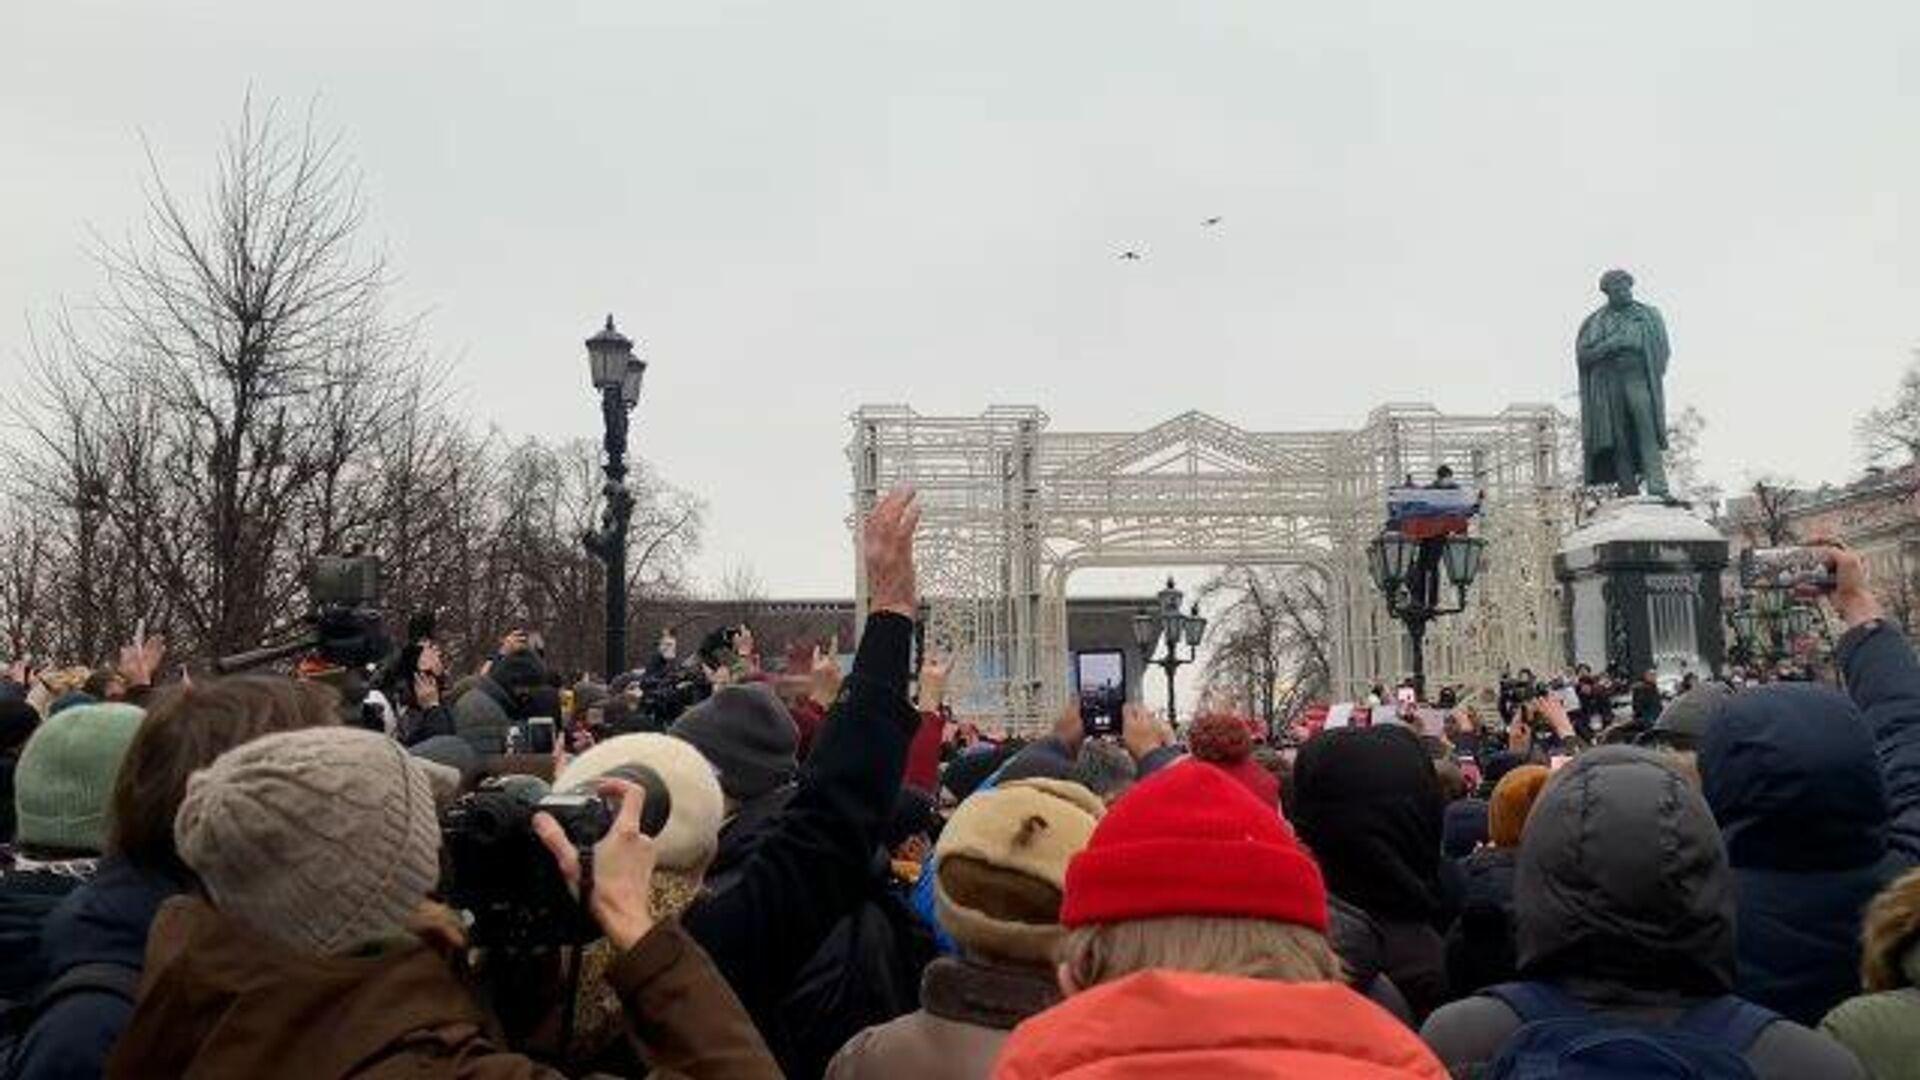 Пластиковые бутылки летят в полицейских на Пушкинской площади в Москве  - РИА Новости, 1920, 23.01.2021